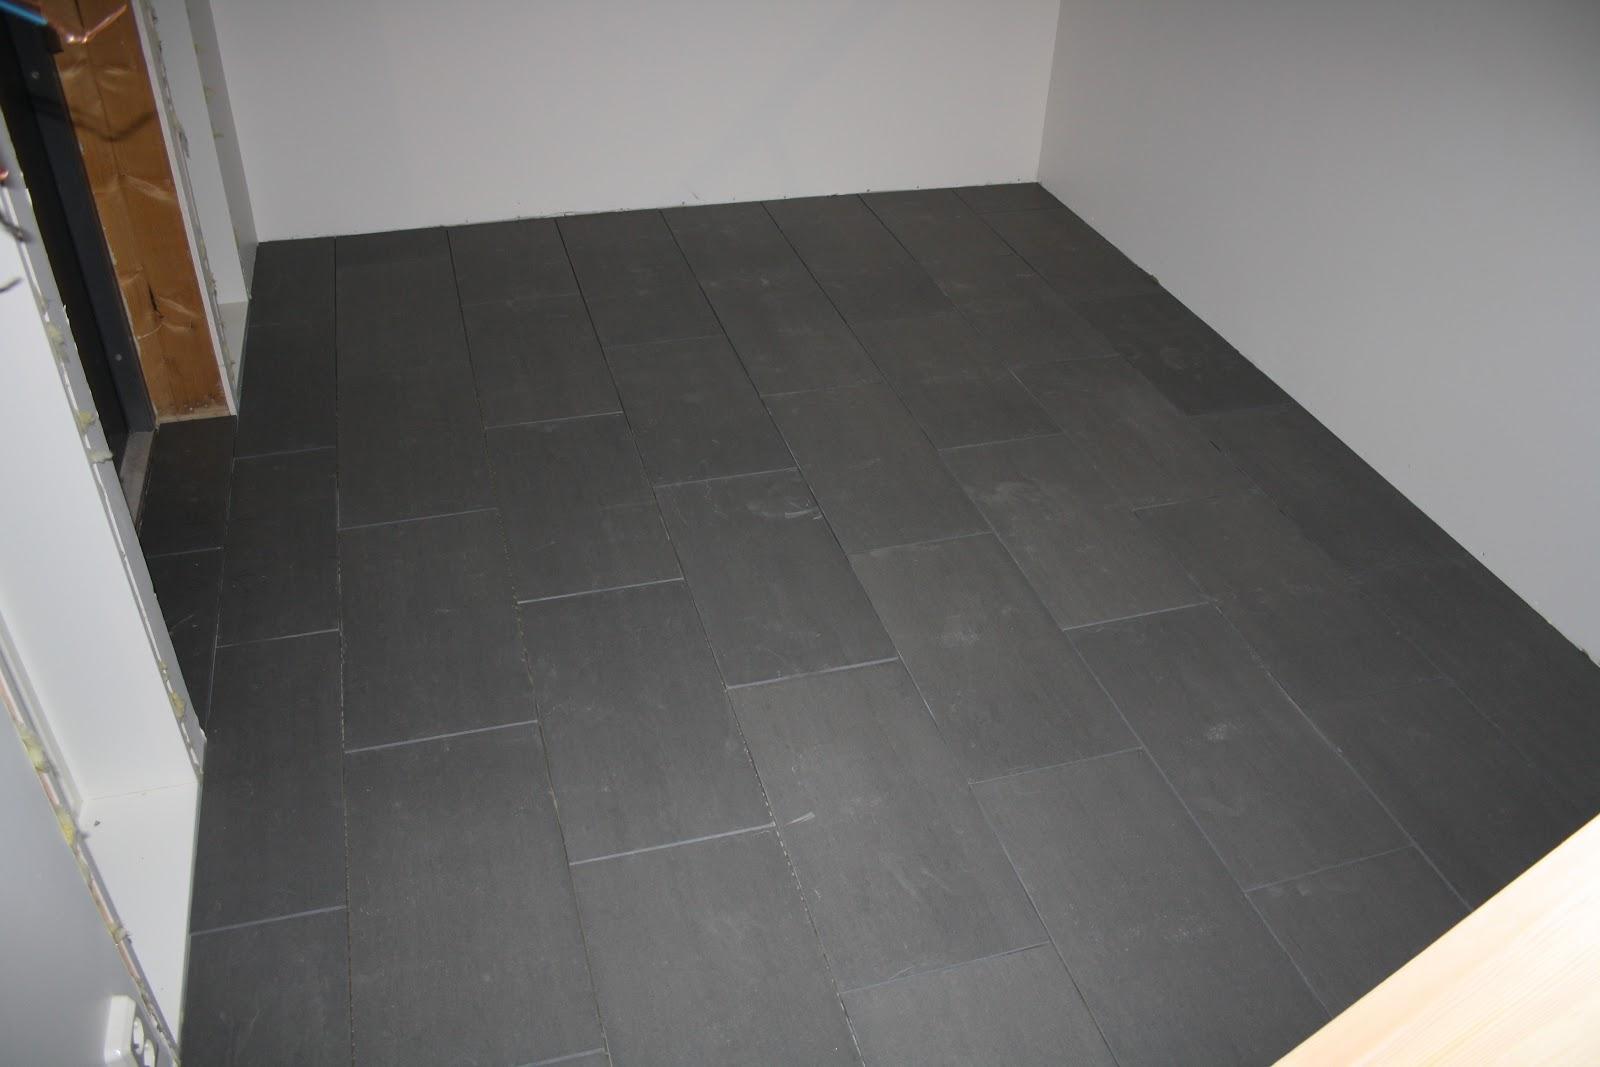 #624327 Mest effektive Vi Bygger Hus .igjen: Fliser På Bad Og I Gang Fliser Til Bad Og Køkken 4805 160010674805